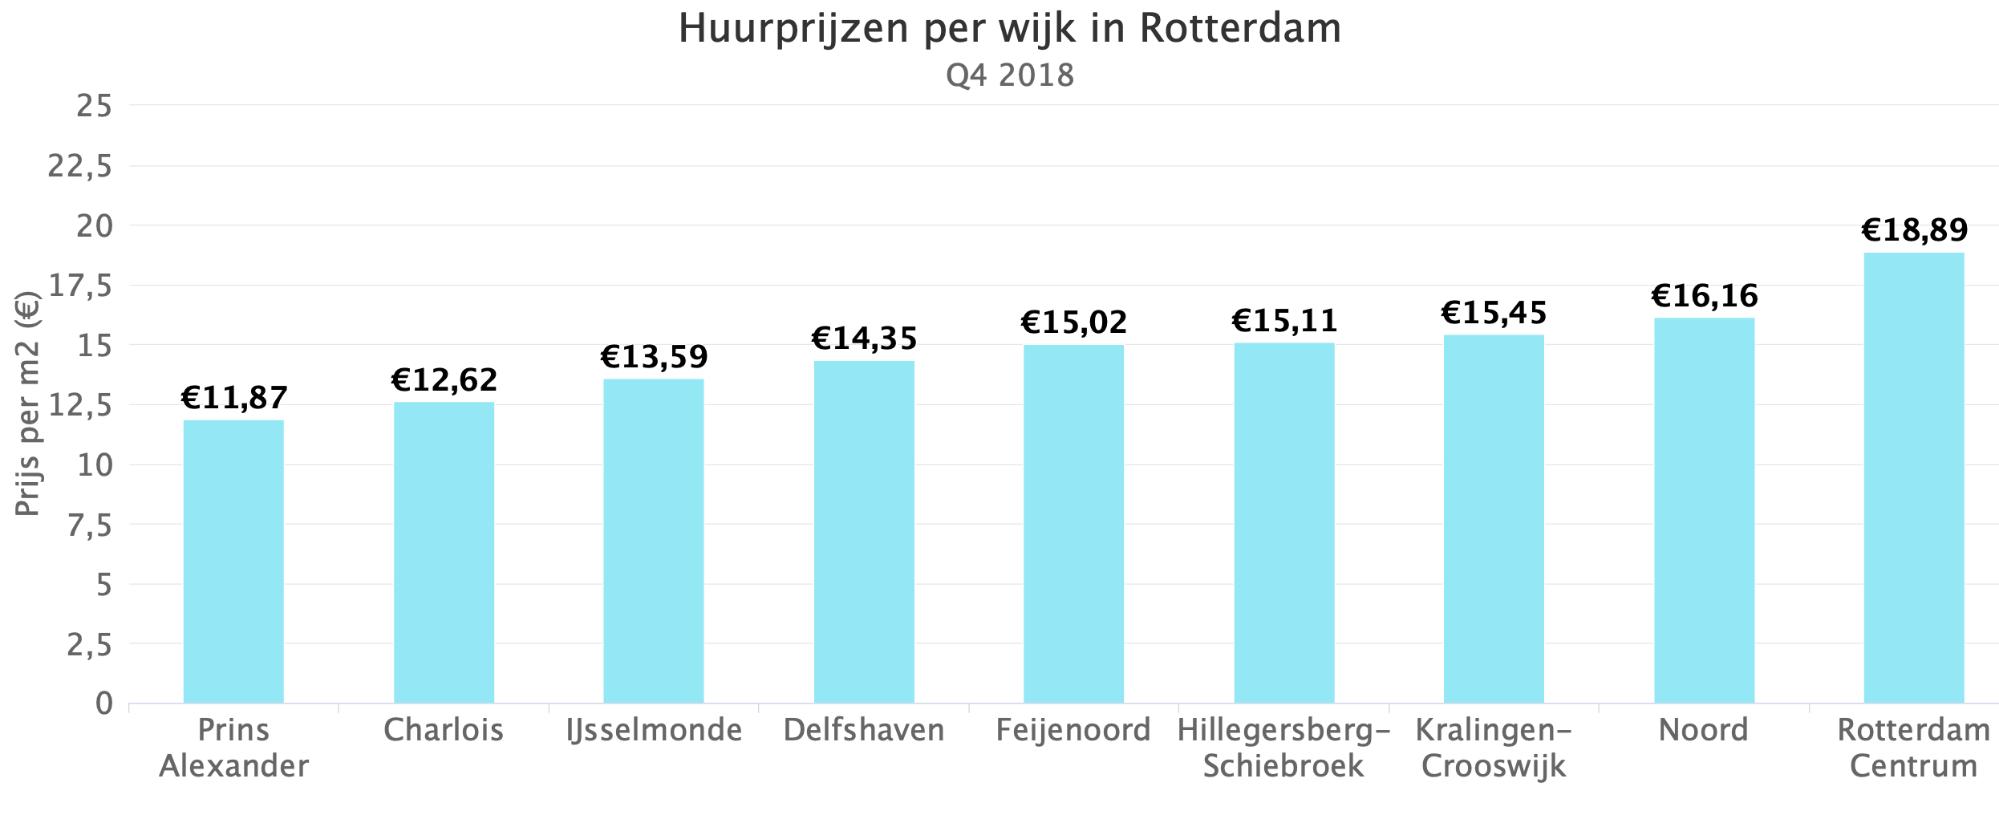 Huurprijzen per wijk in Rotterdam Q4 2018